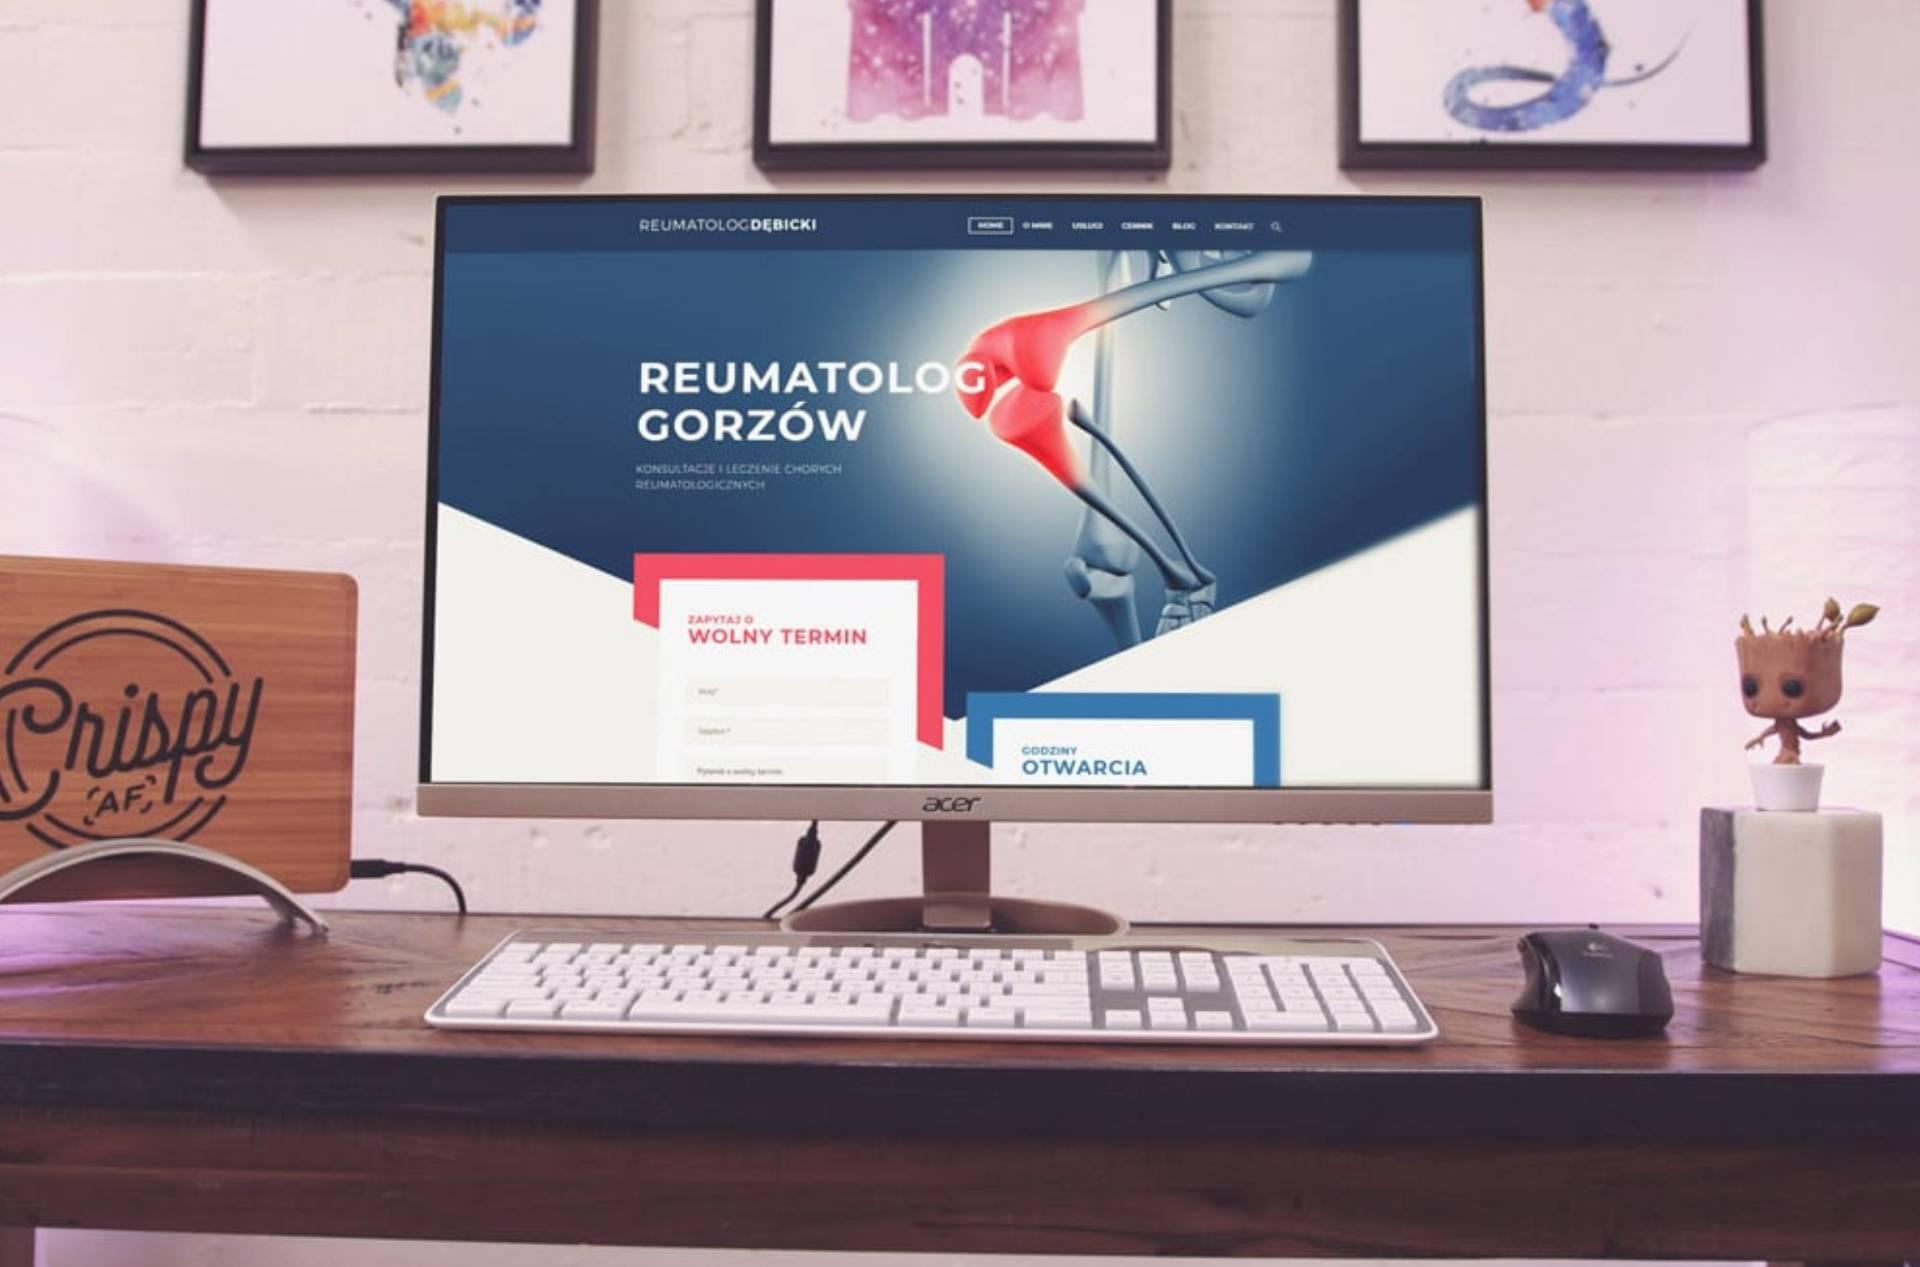 Roan24 Rheumatologist Debicki.pl Website